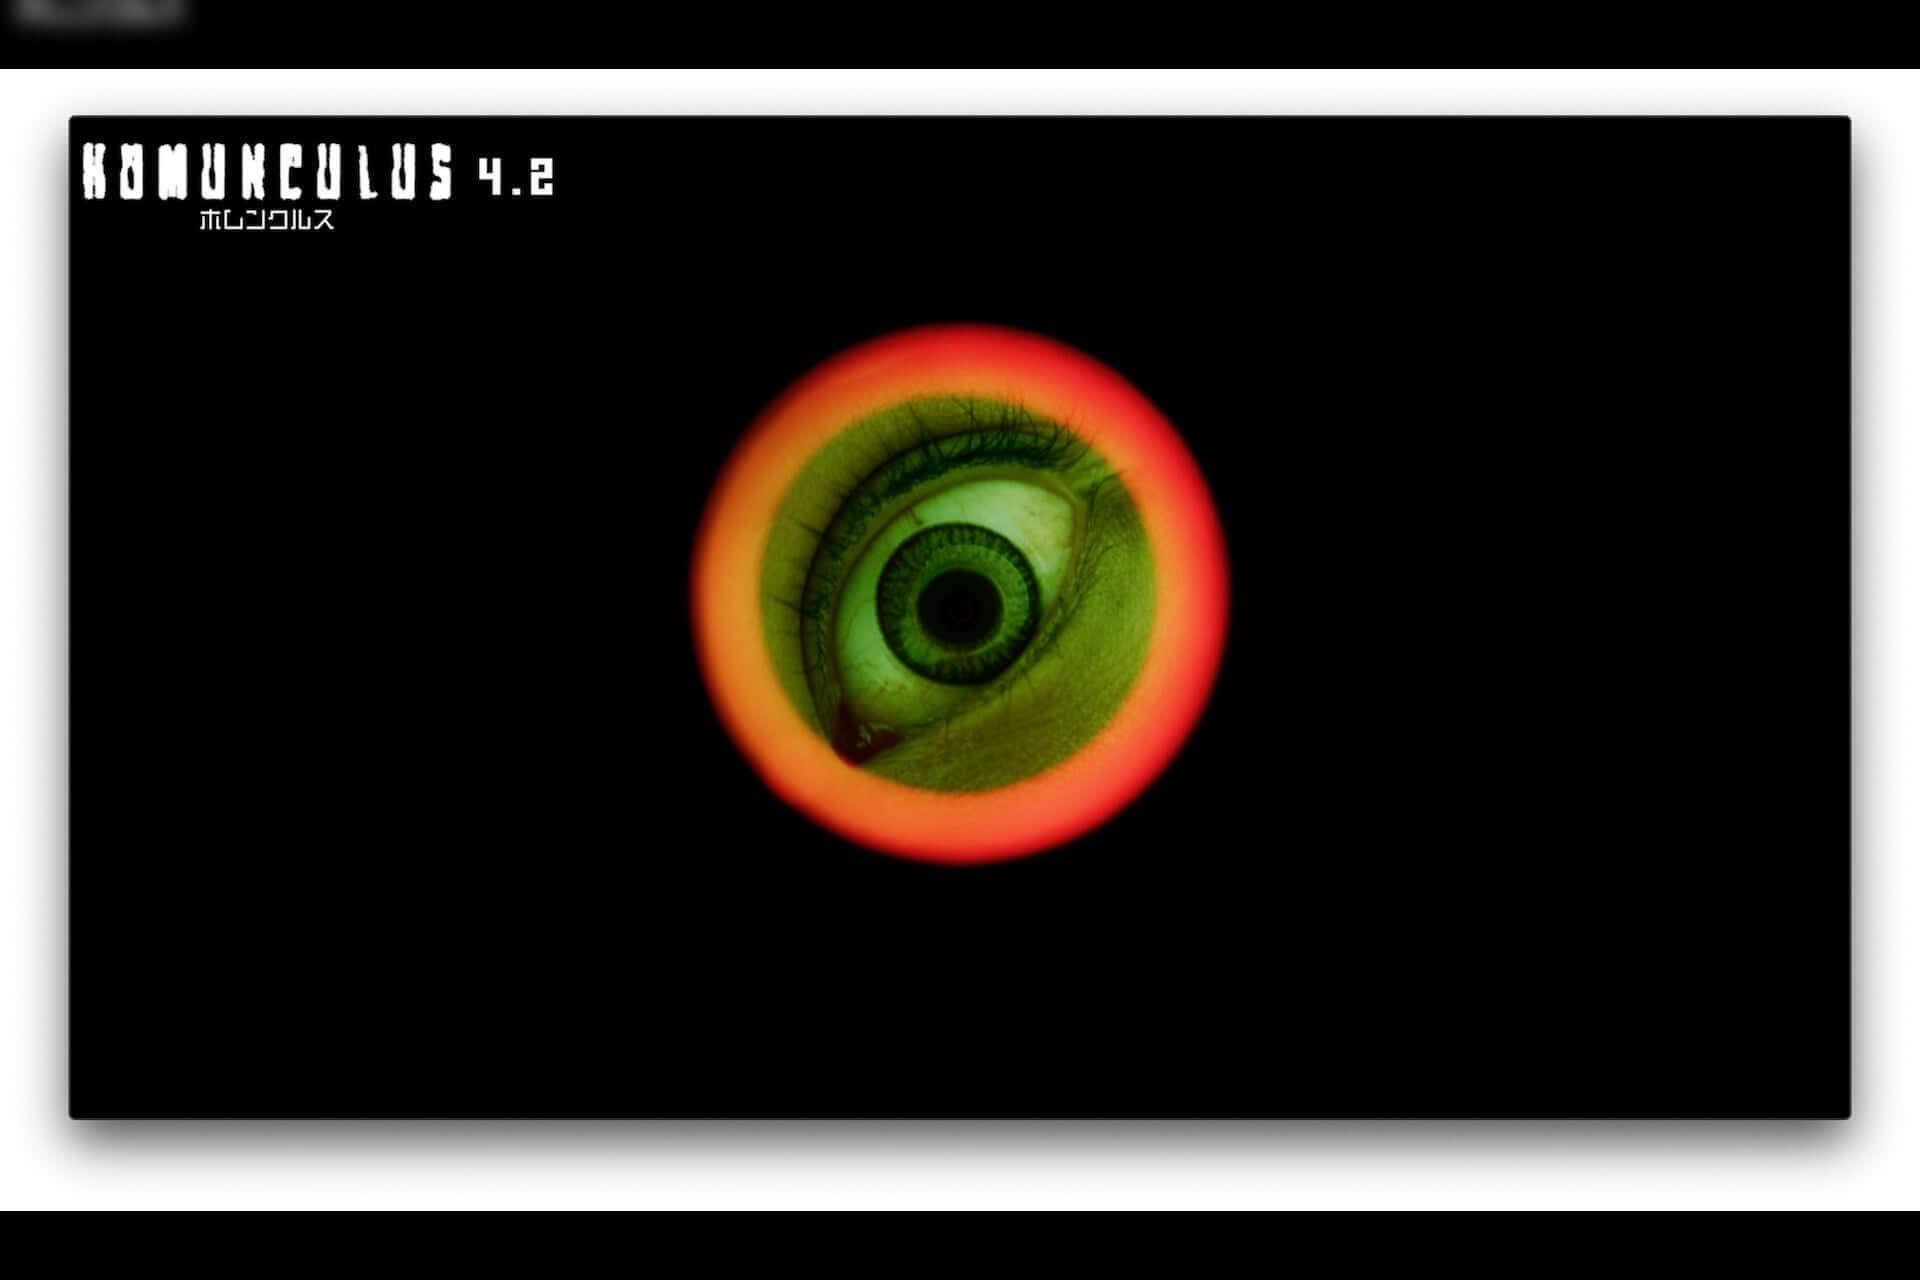 """綾野剛主演『ホムンクルス』冒頭映像が解禁。ミレニアム・パレードの""""Trepanation""""も収録"""